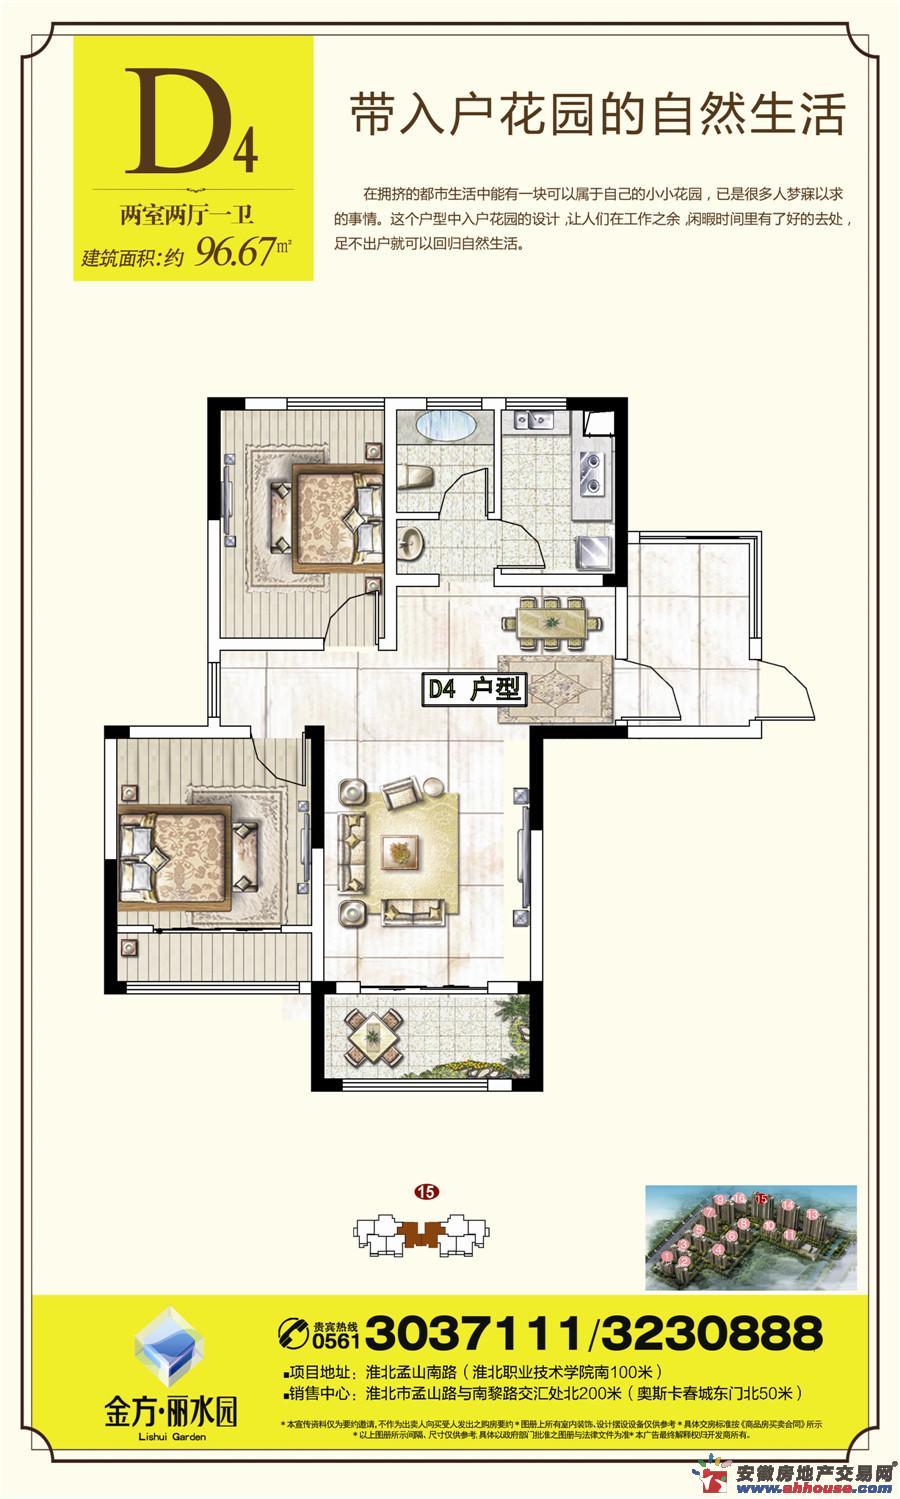 金方丽水园二室二厅一卫